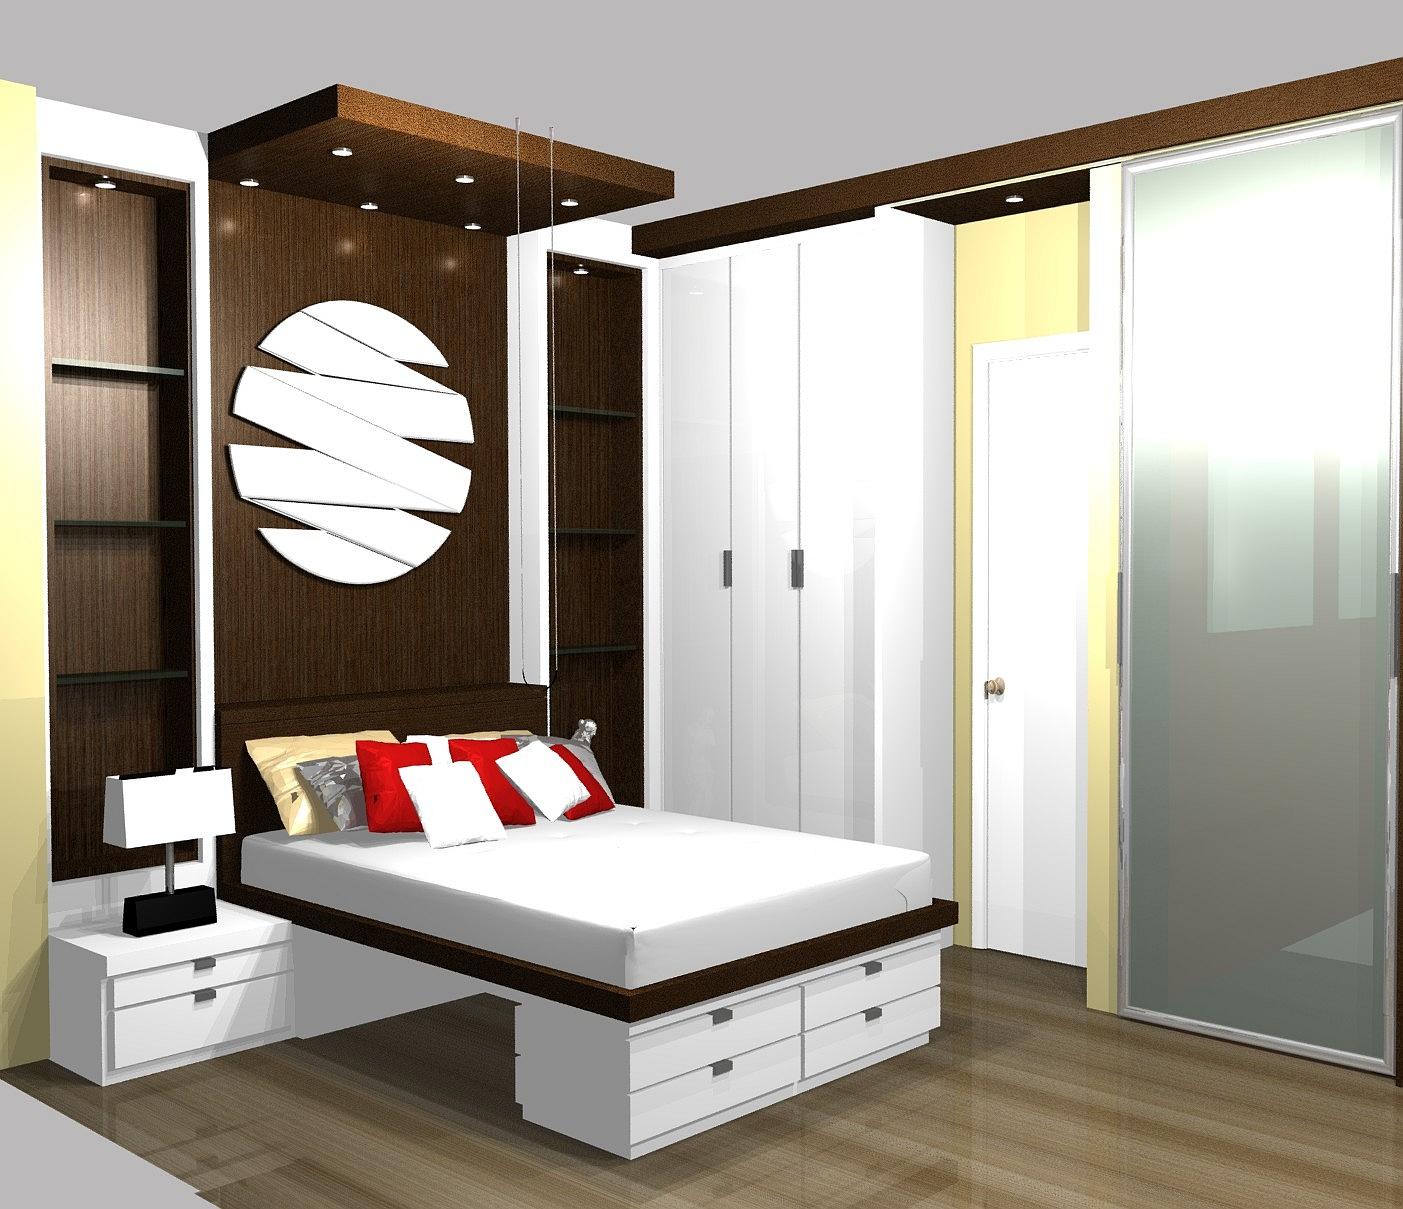 Móveis planejados Marcenaria sob medida armários cozinha banheiro  #BB1110 1403 1209